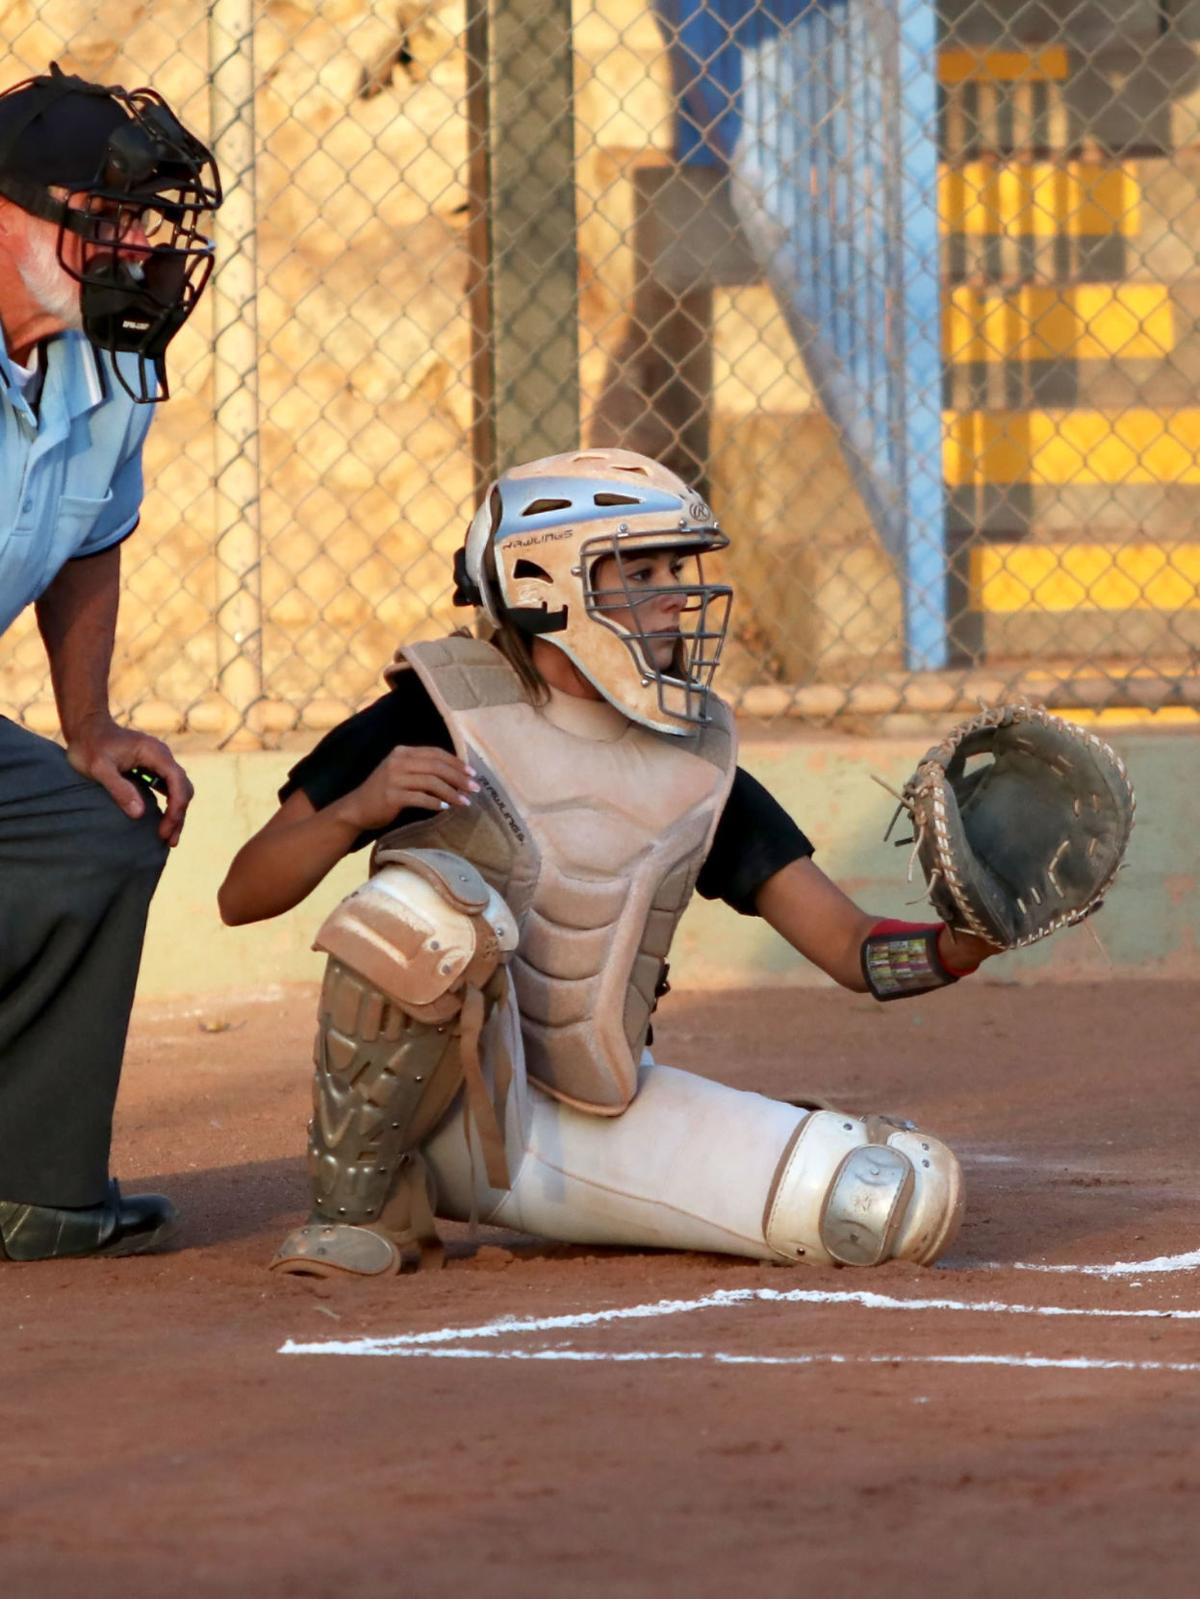 Southern Arizona softball all-stars 6/2/21